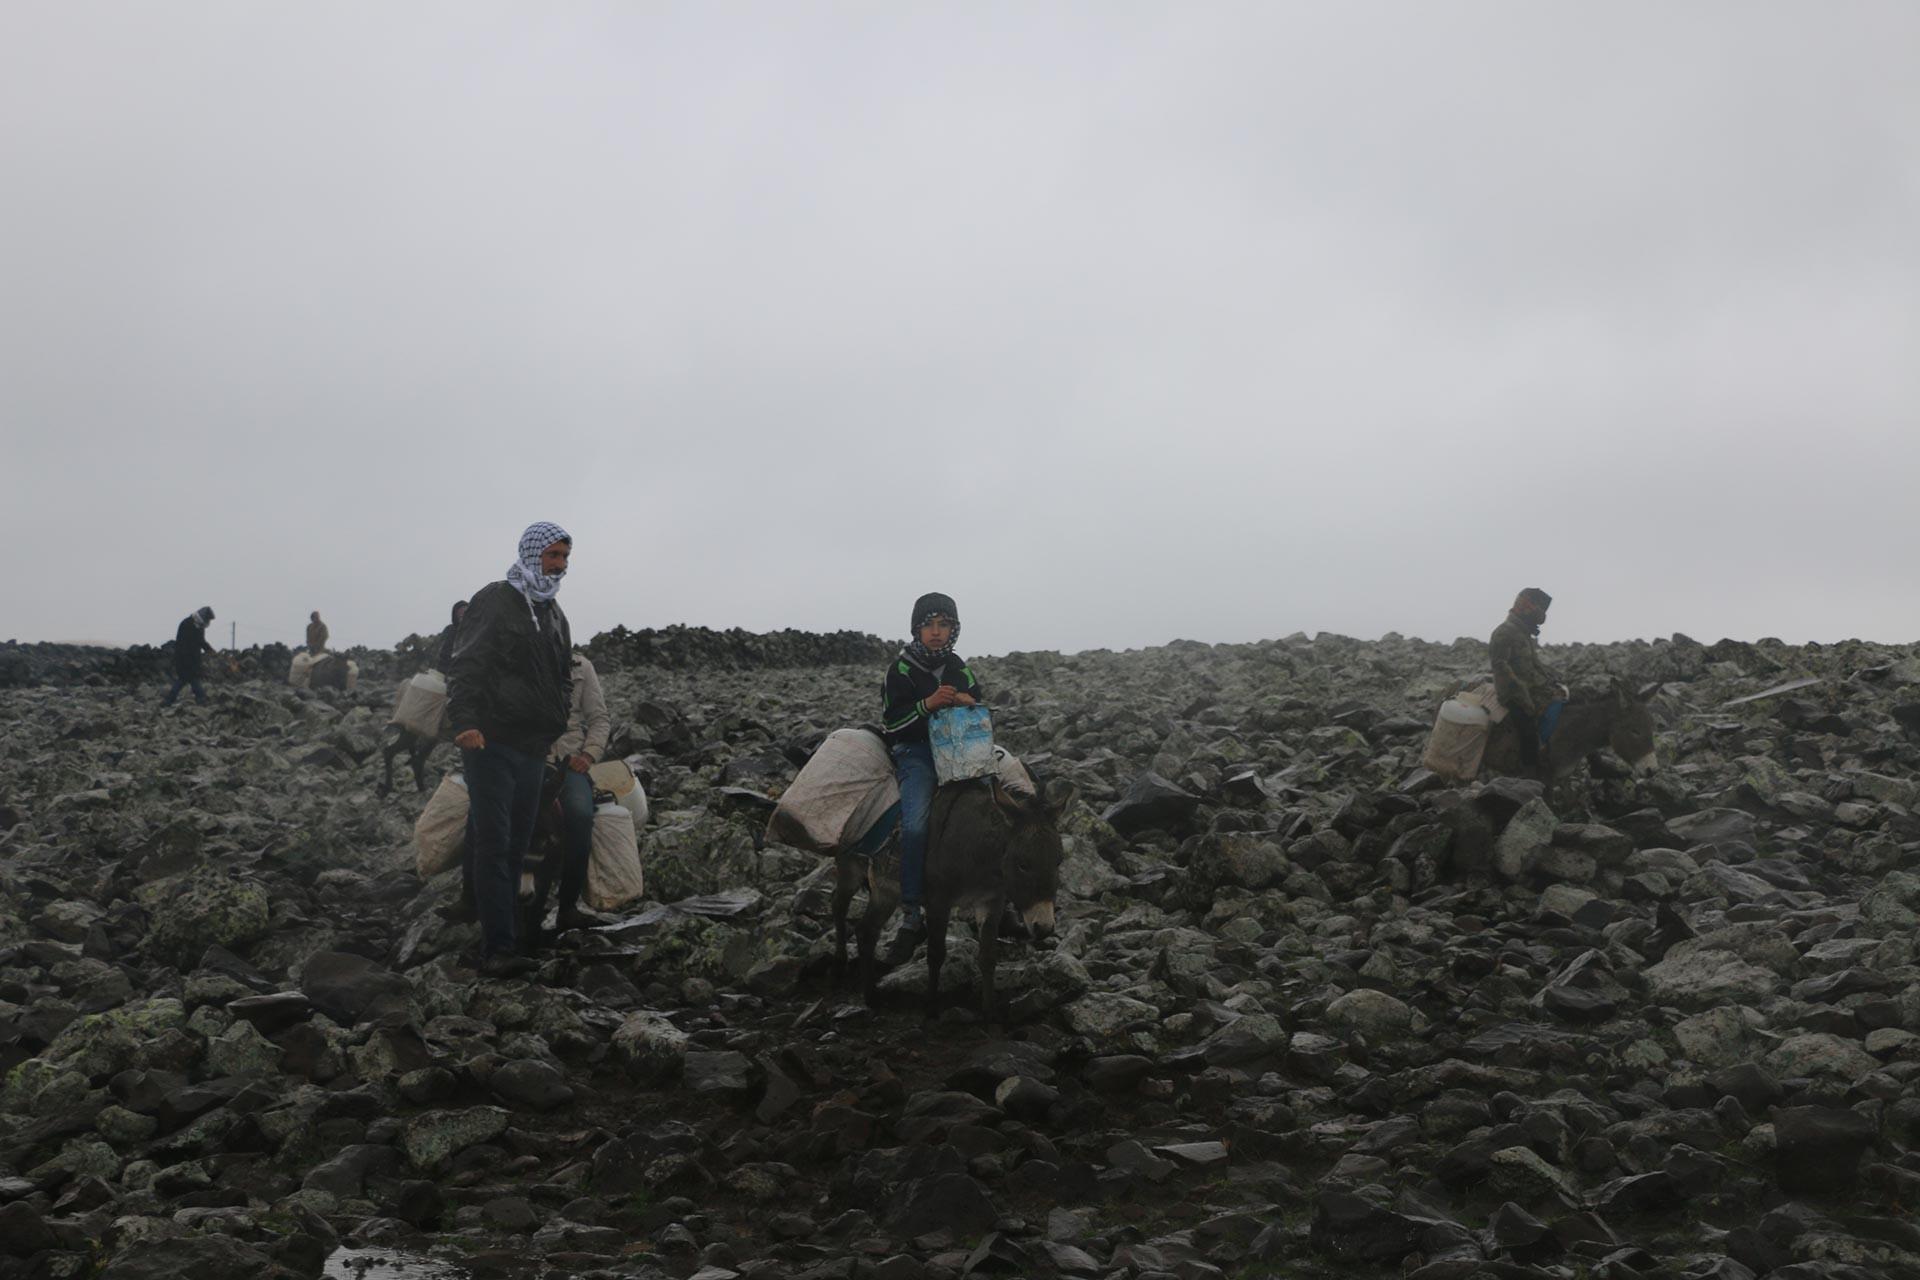 Urfa'nın Siverek ilçesi Karacadağ bölgesinde 10 mahallede yaşayan 5 bin kişi, içme suyunu ve hastalarını eşek sırtında taşıyor